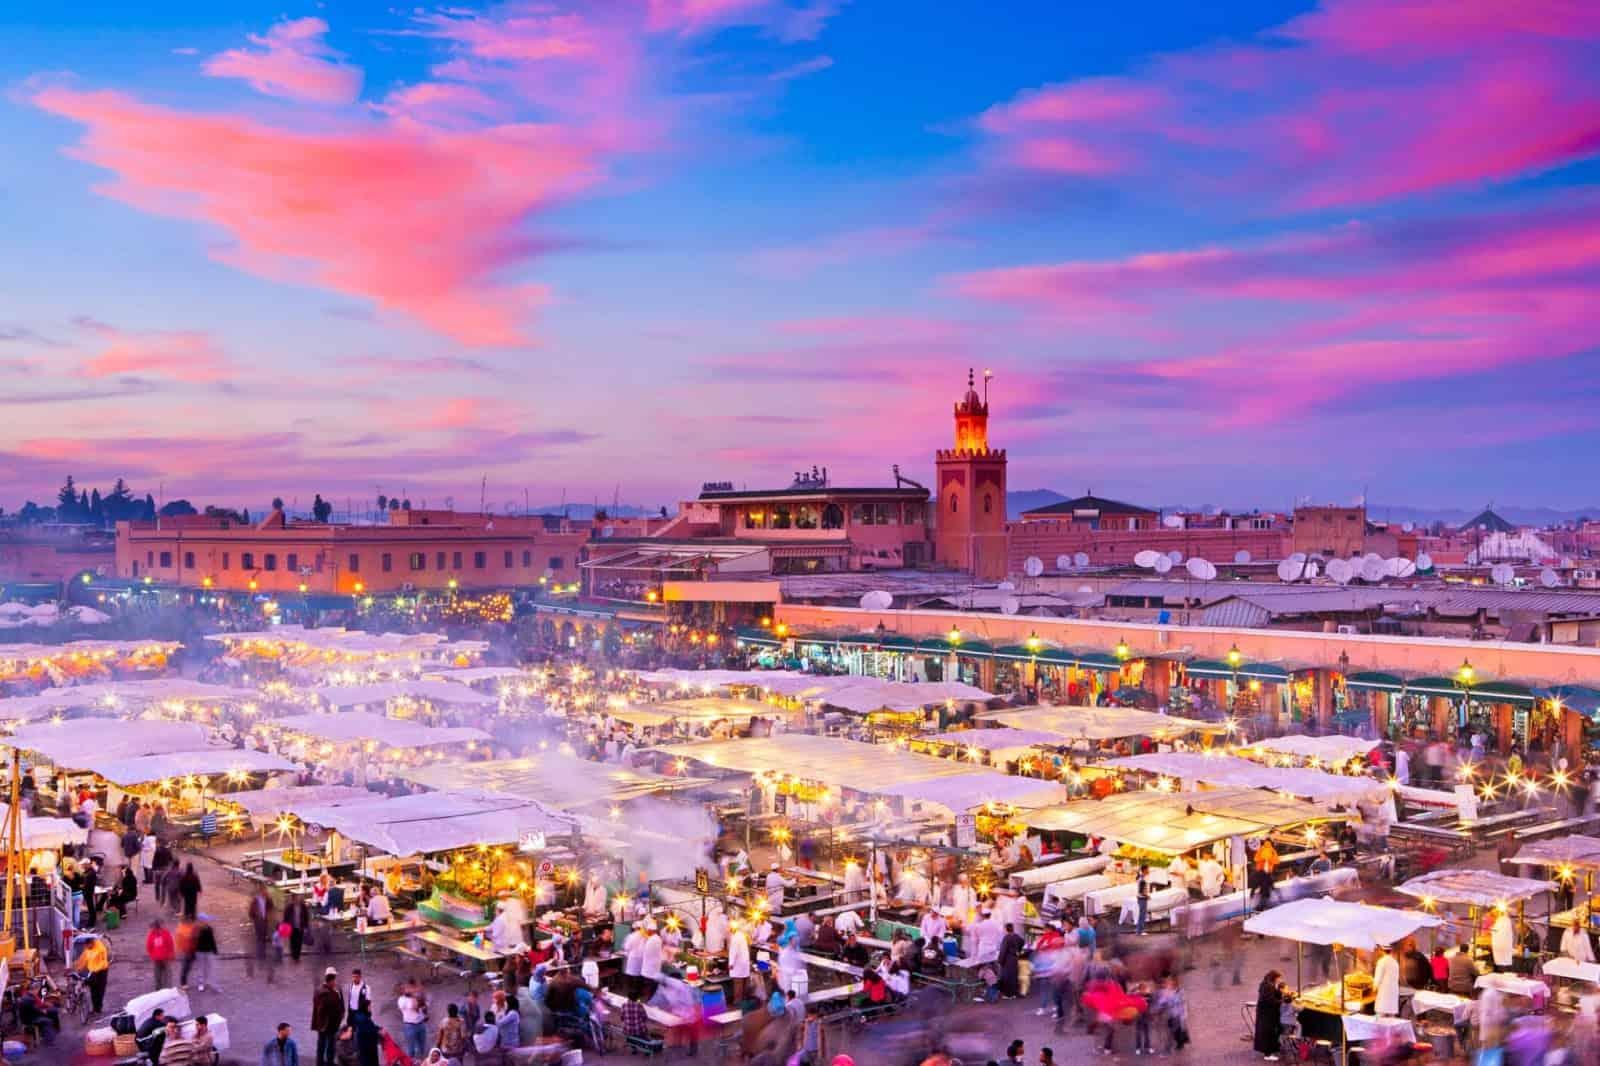 المناطق السياحية الداخلية في المغرب